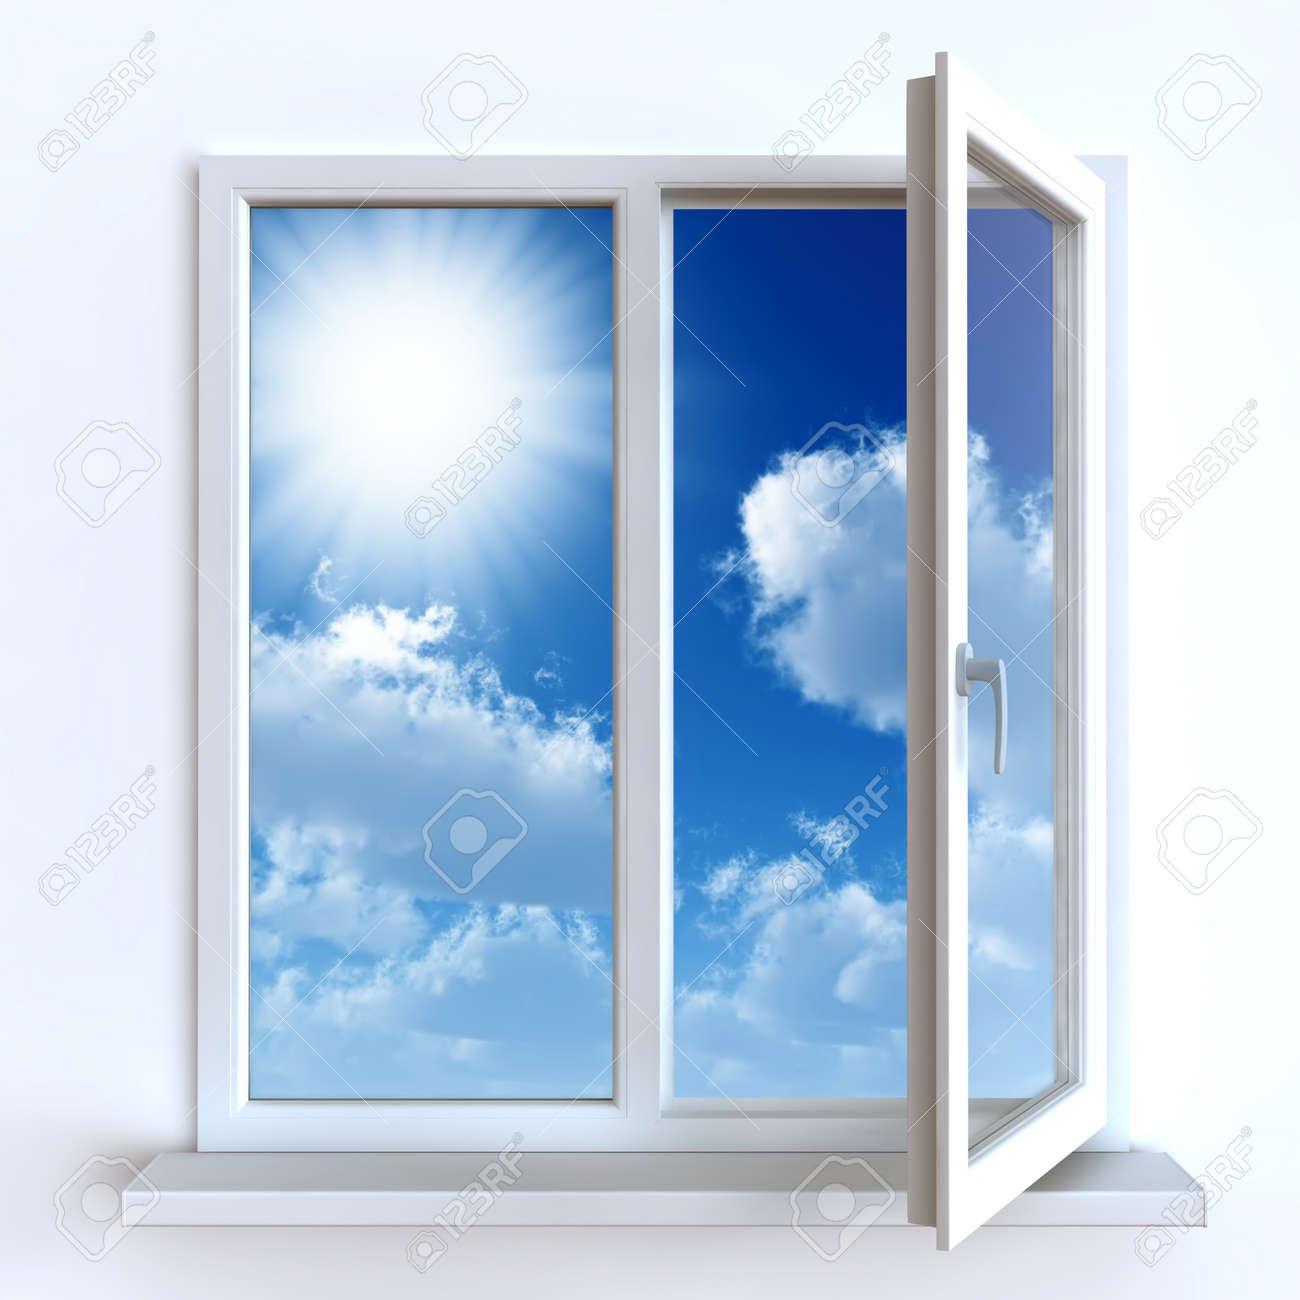 Offenes fenster himmel  Offene Fenster Gegen Eine Weiße Wand Und Den Bewölkten Himmel Und ...